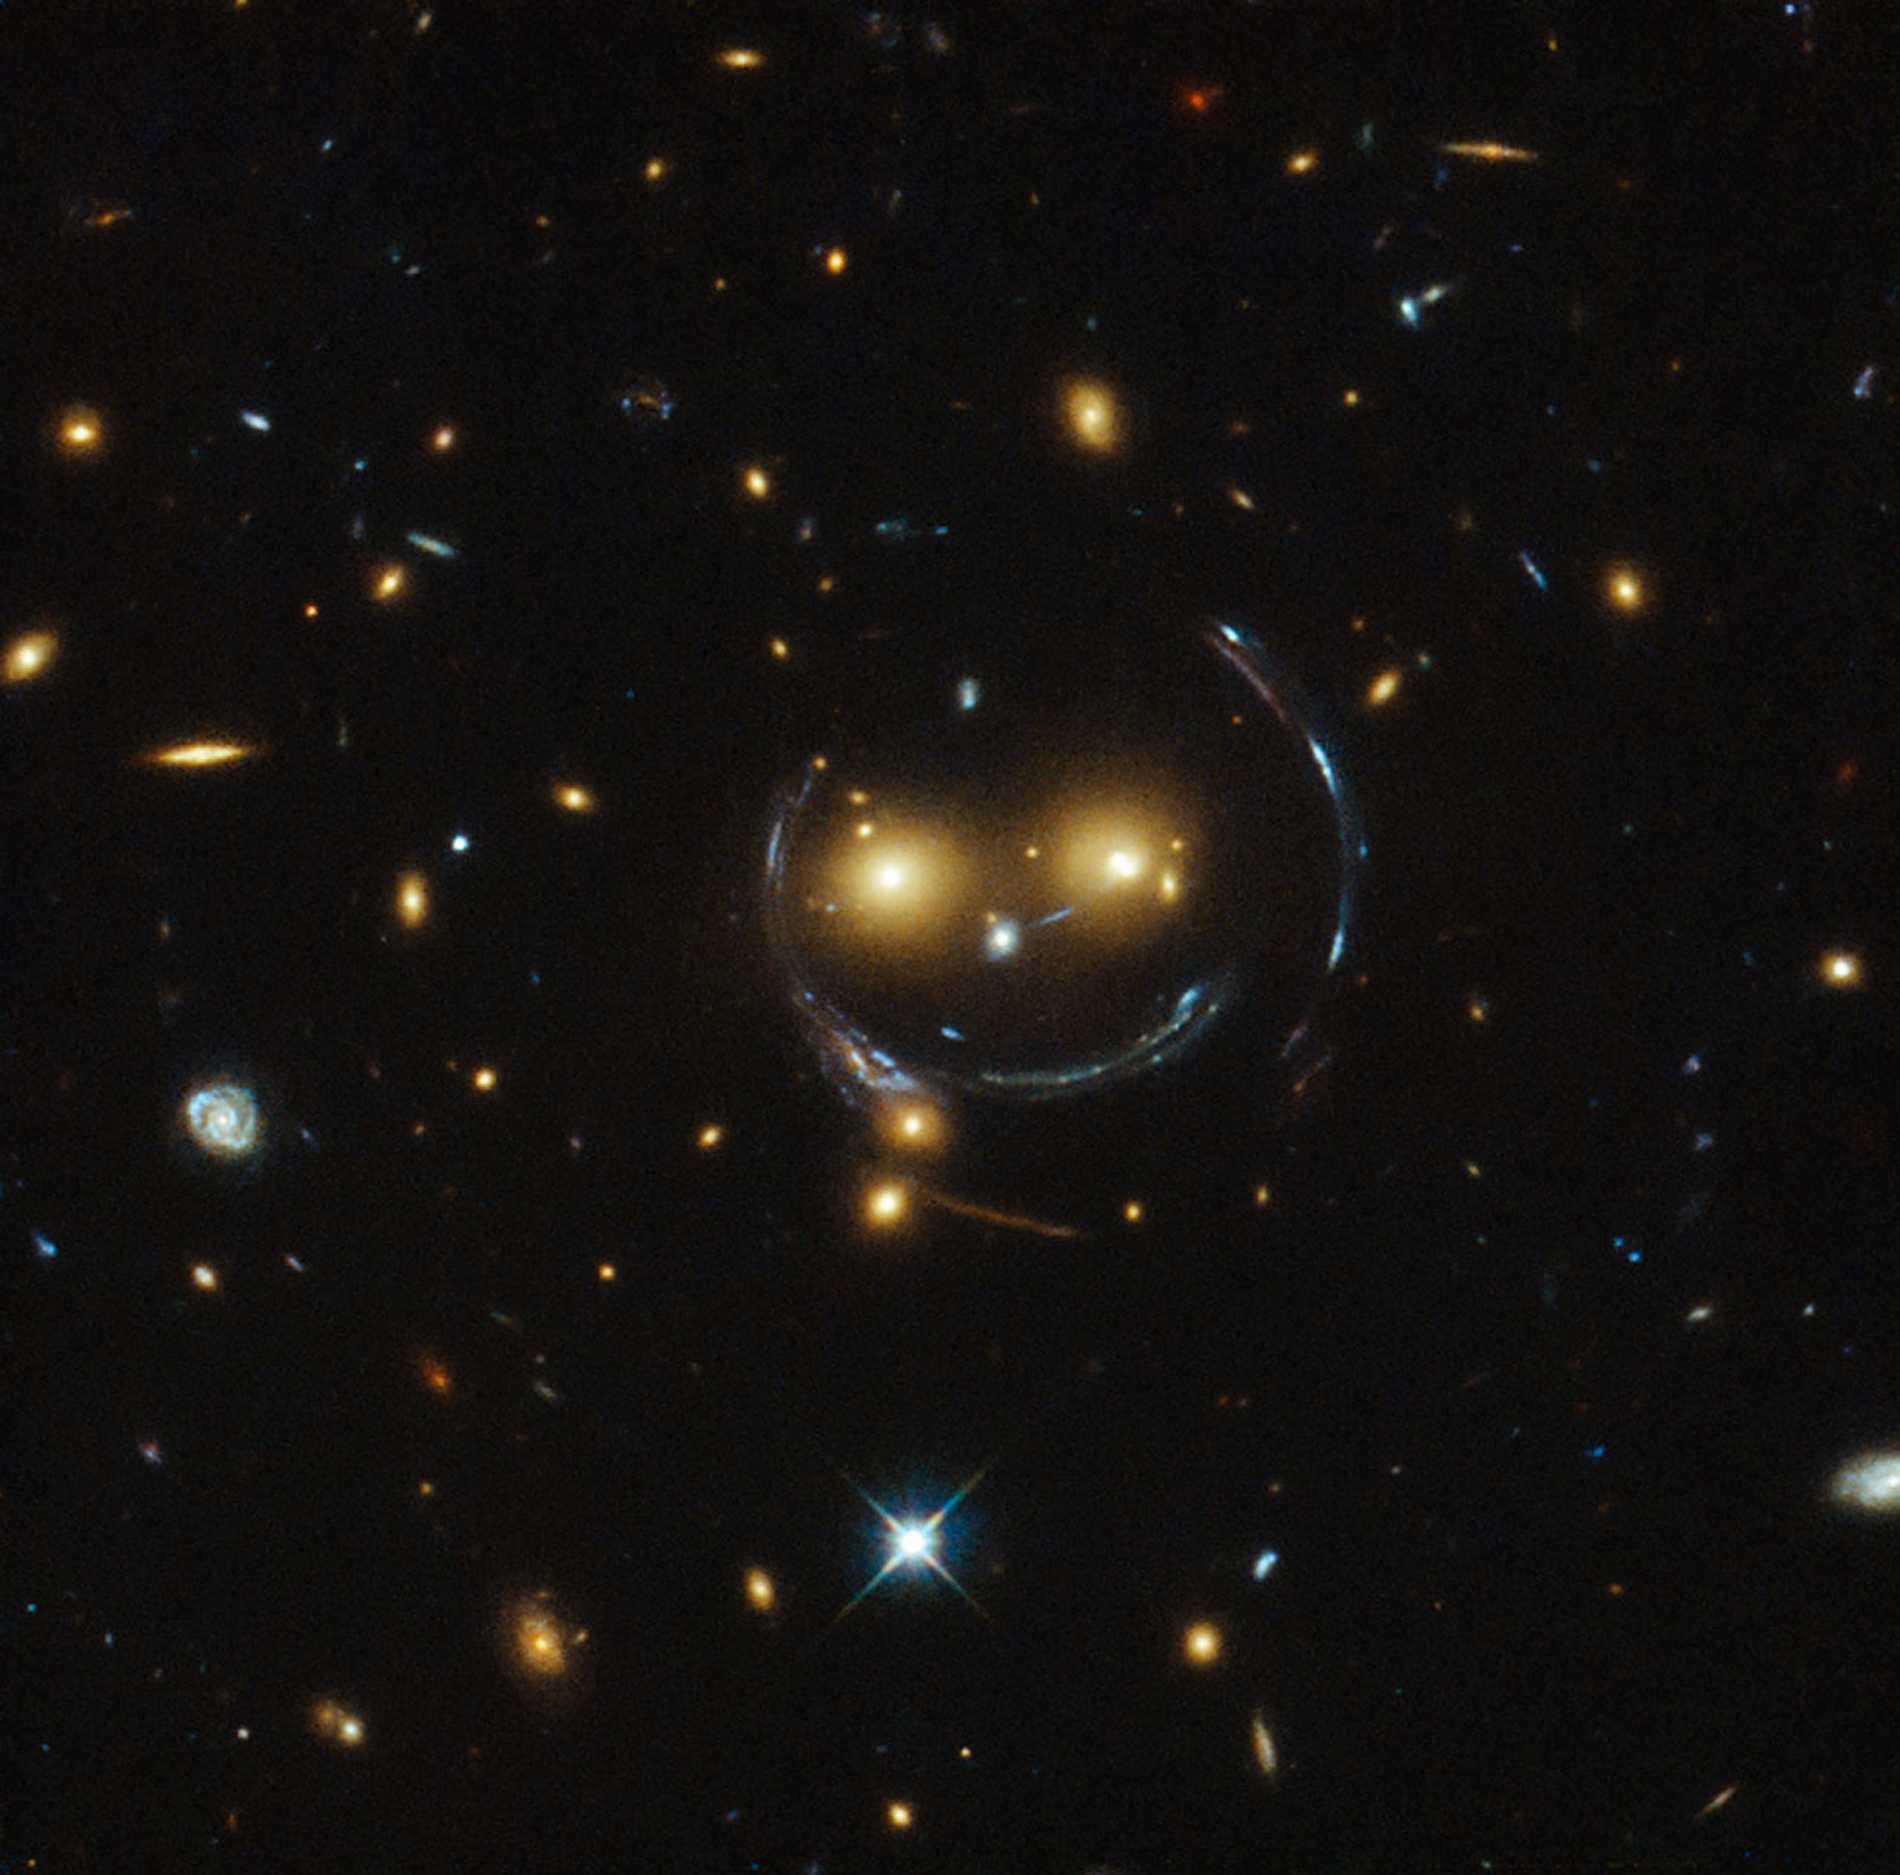 Nu släpper Nasa en ny bild av rymden som kan göra uttrycket glad som en lax förlegat. Här är nämligen galax-fotot som visar universum från dess lyckligaste sida. Den muntra rymdframställningen som kommer från Hubble-teleskopet visar ett kluster av galaxer som går under namnet SDSS J1038+4849, enligt Nasa.